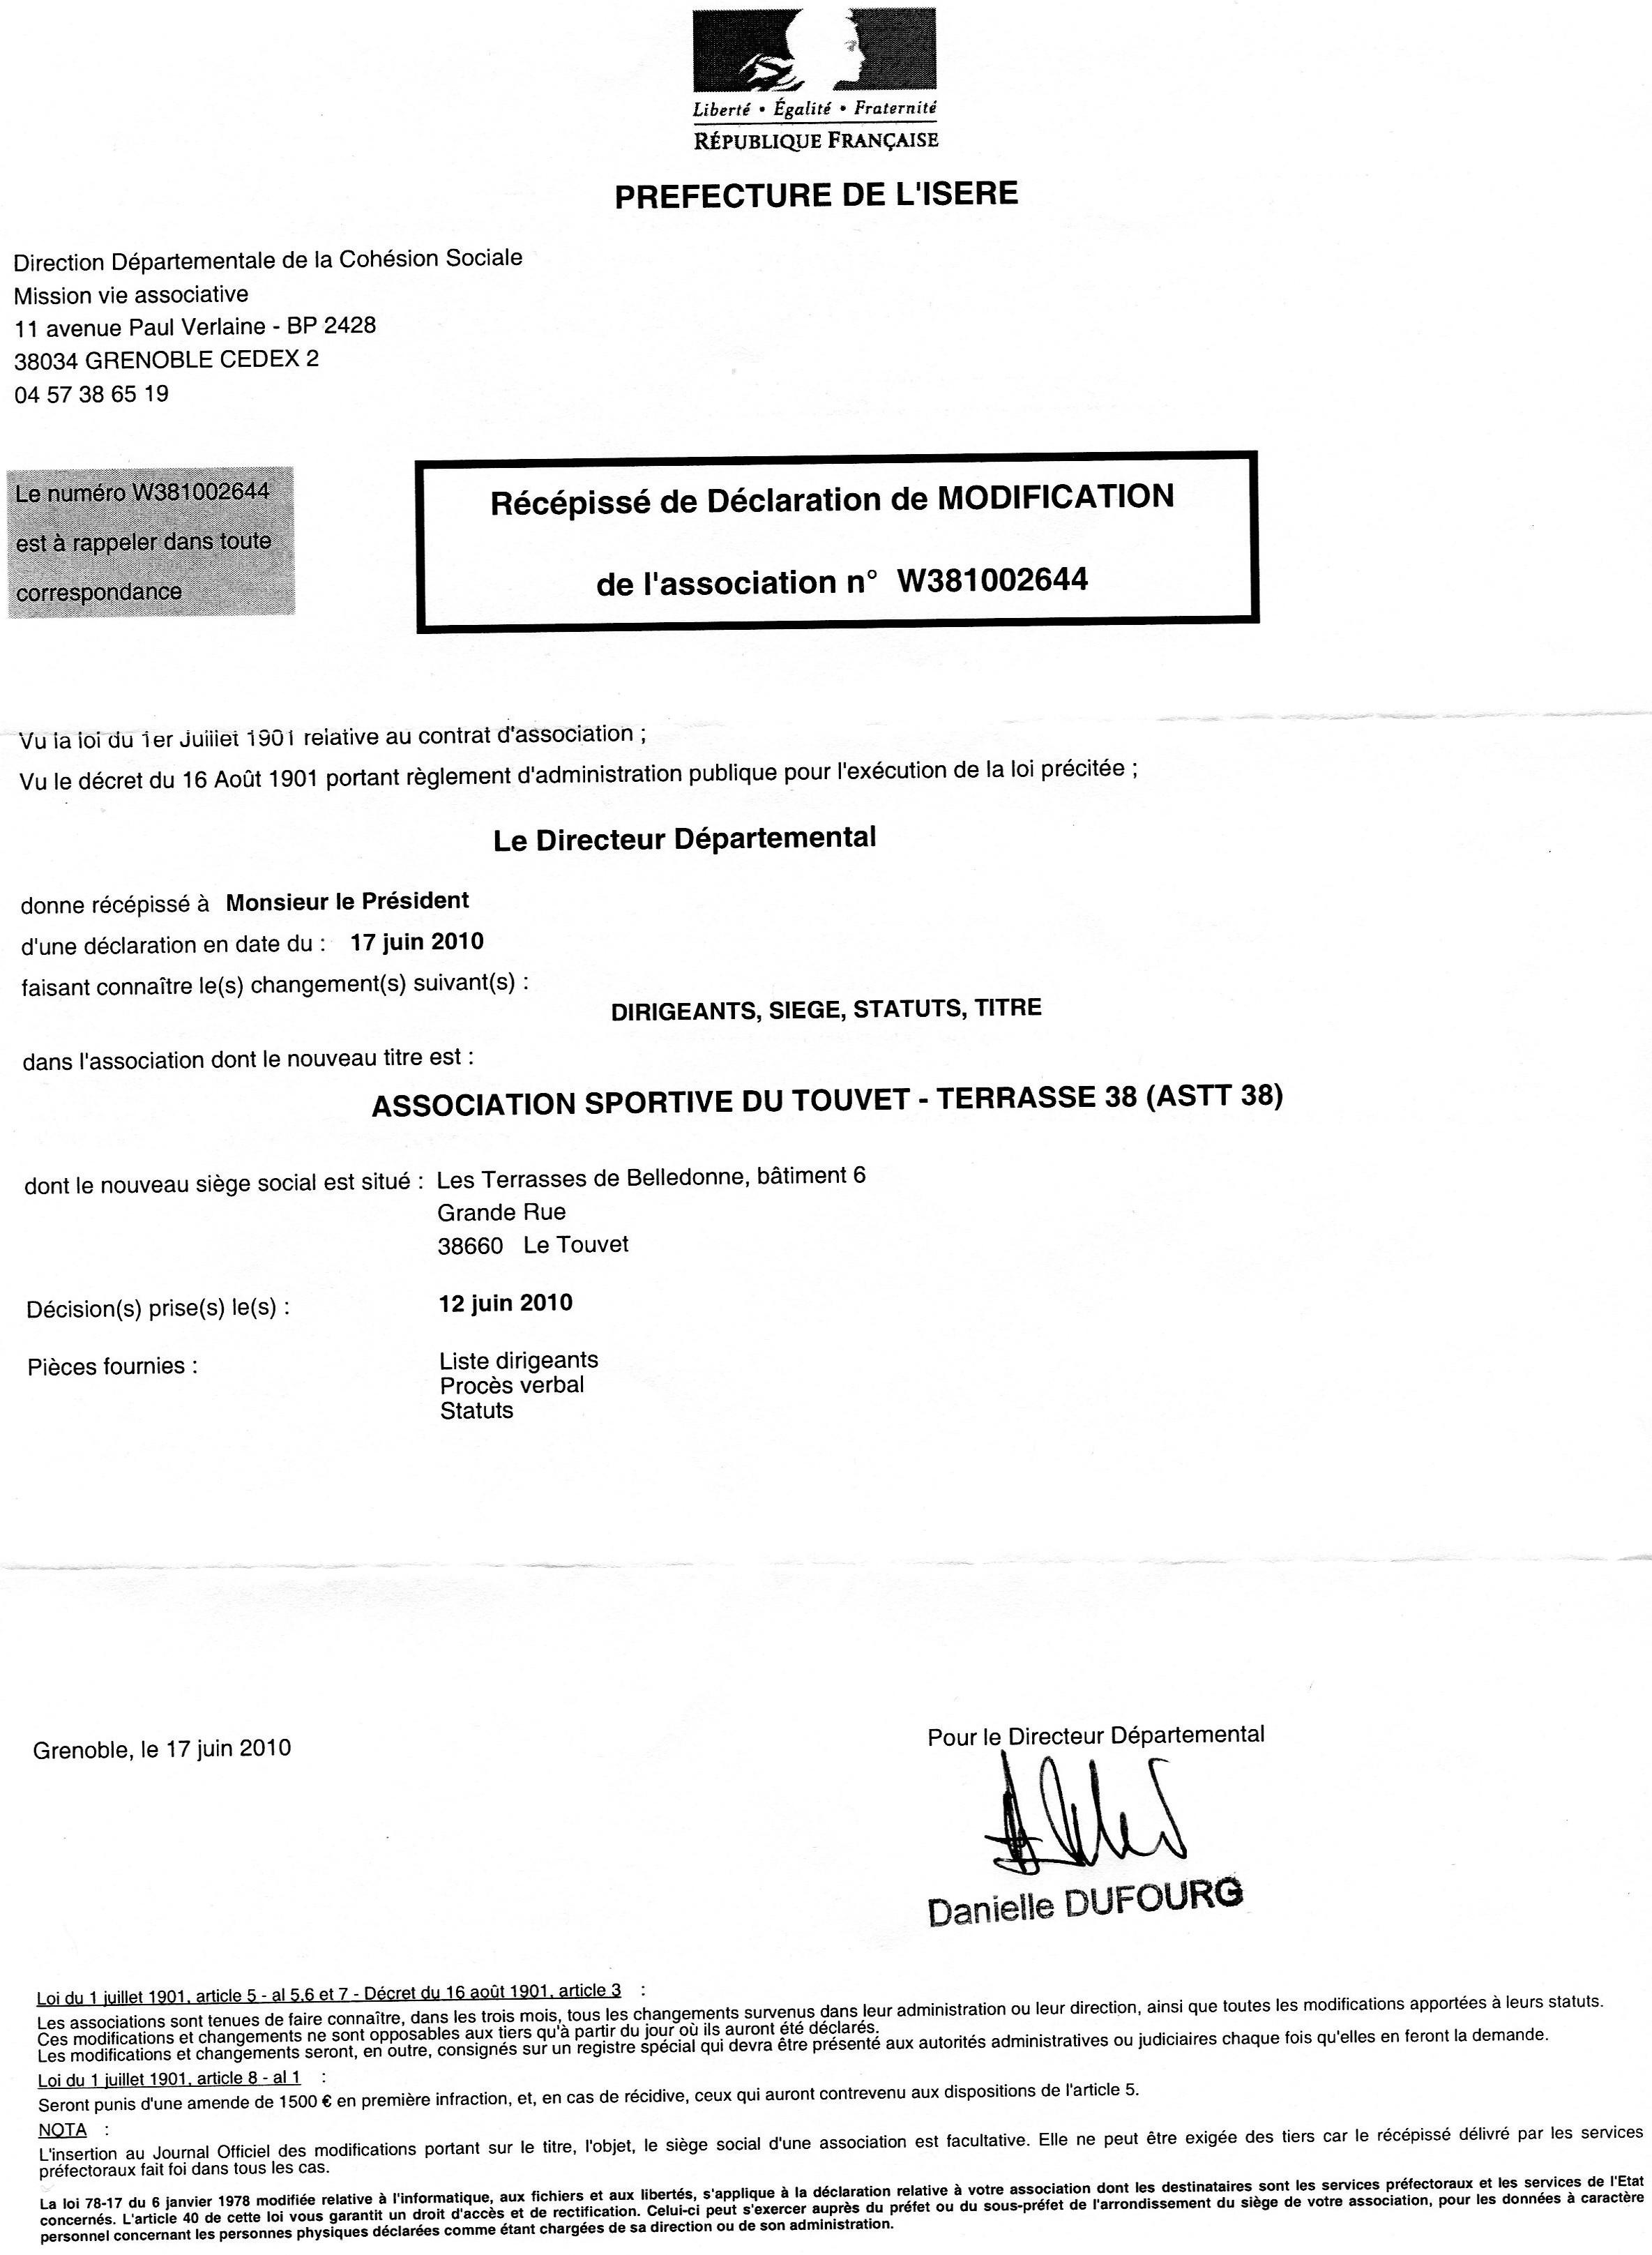 Statuts et r glement club football a s touvet la - Declaration bureau association prefecture ...